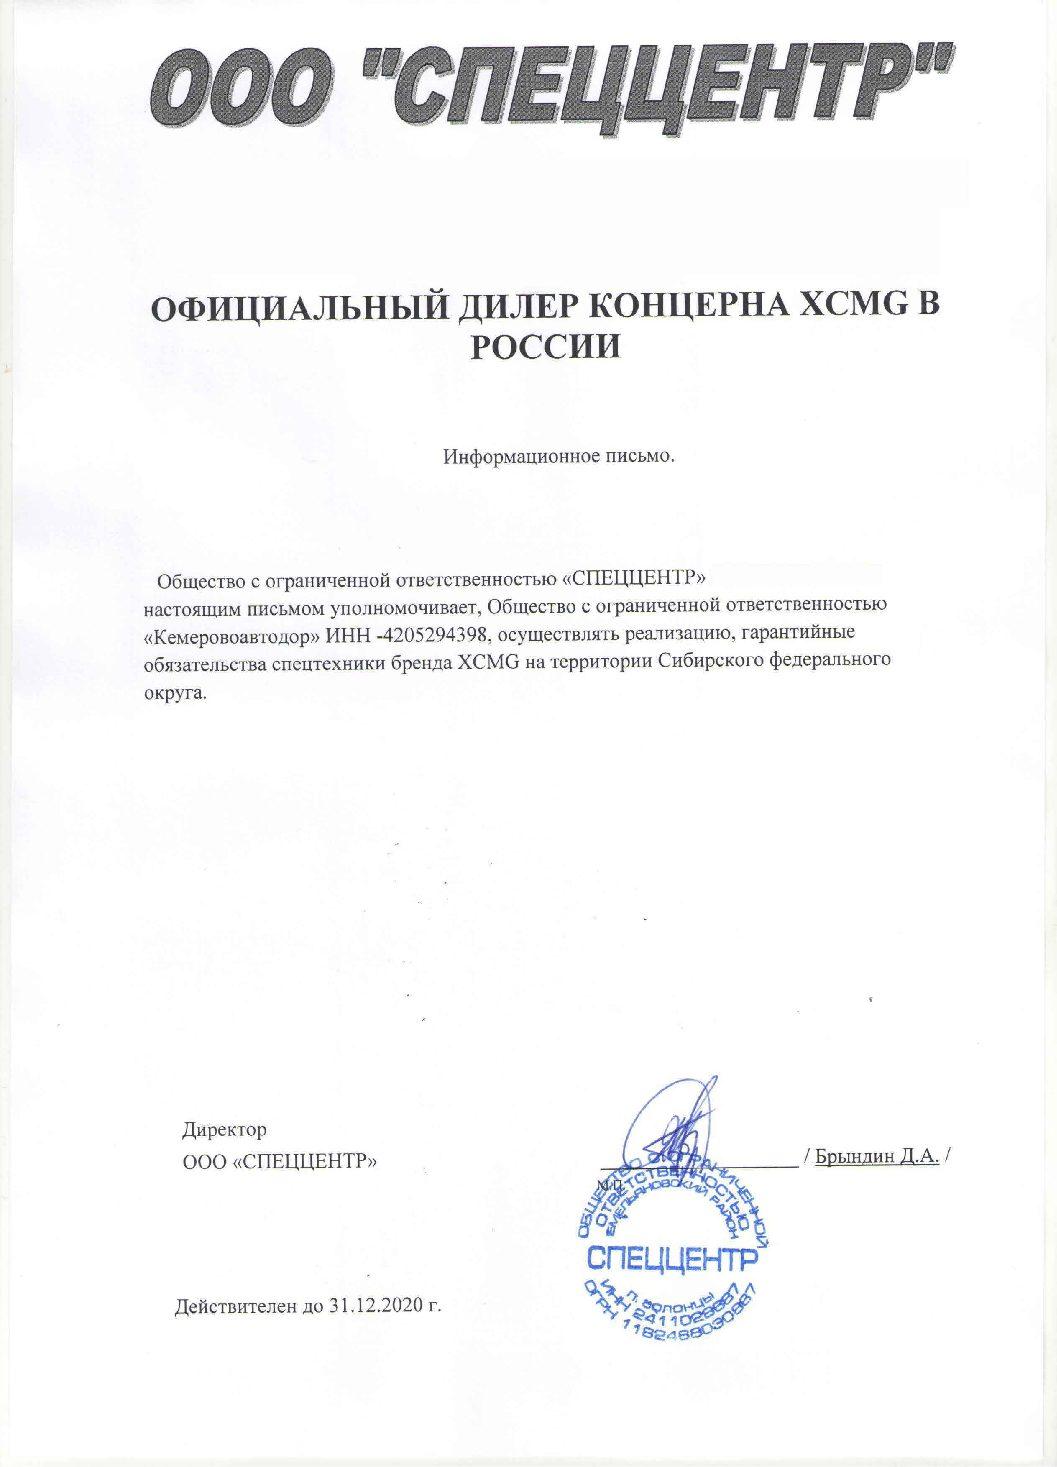 СПЕЦ-ЦЕНТР информ письмо